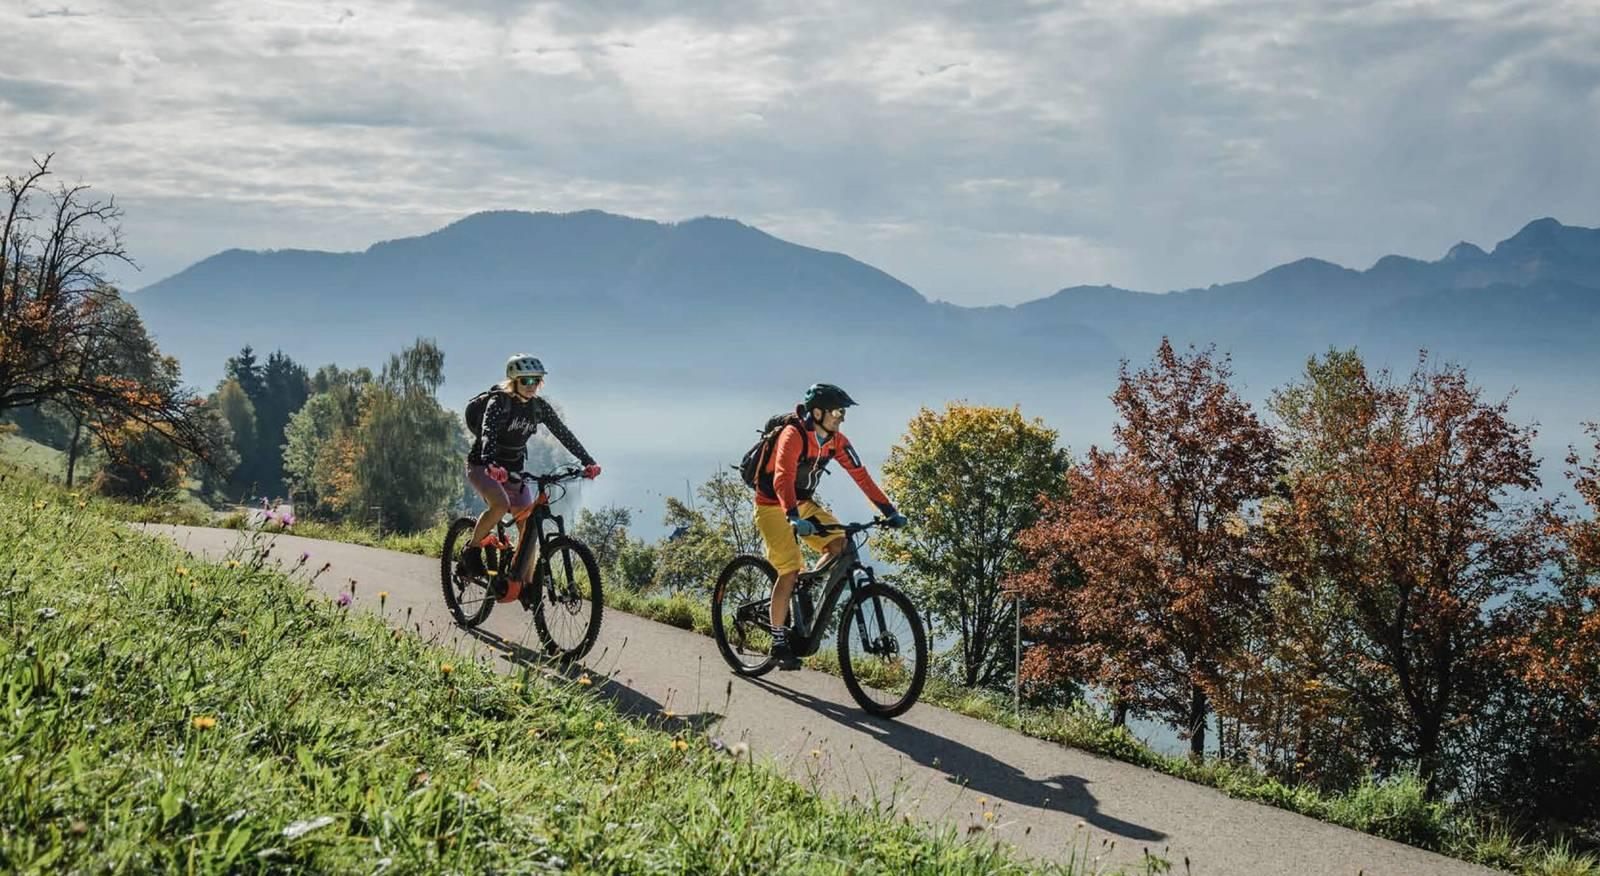 Zwei Biker fahren am Trail entlang.